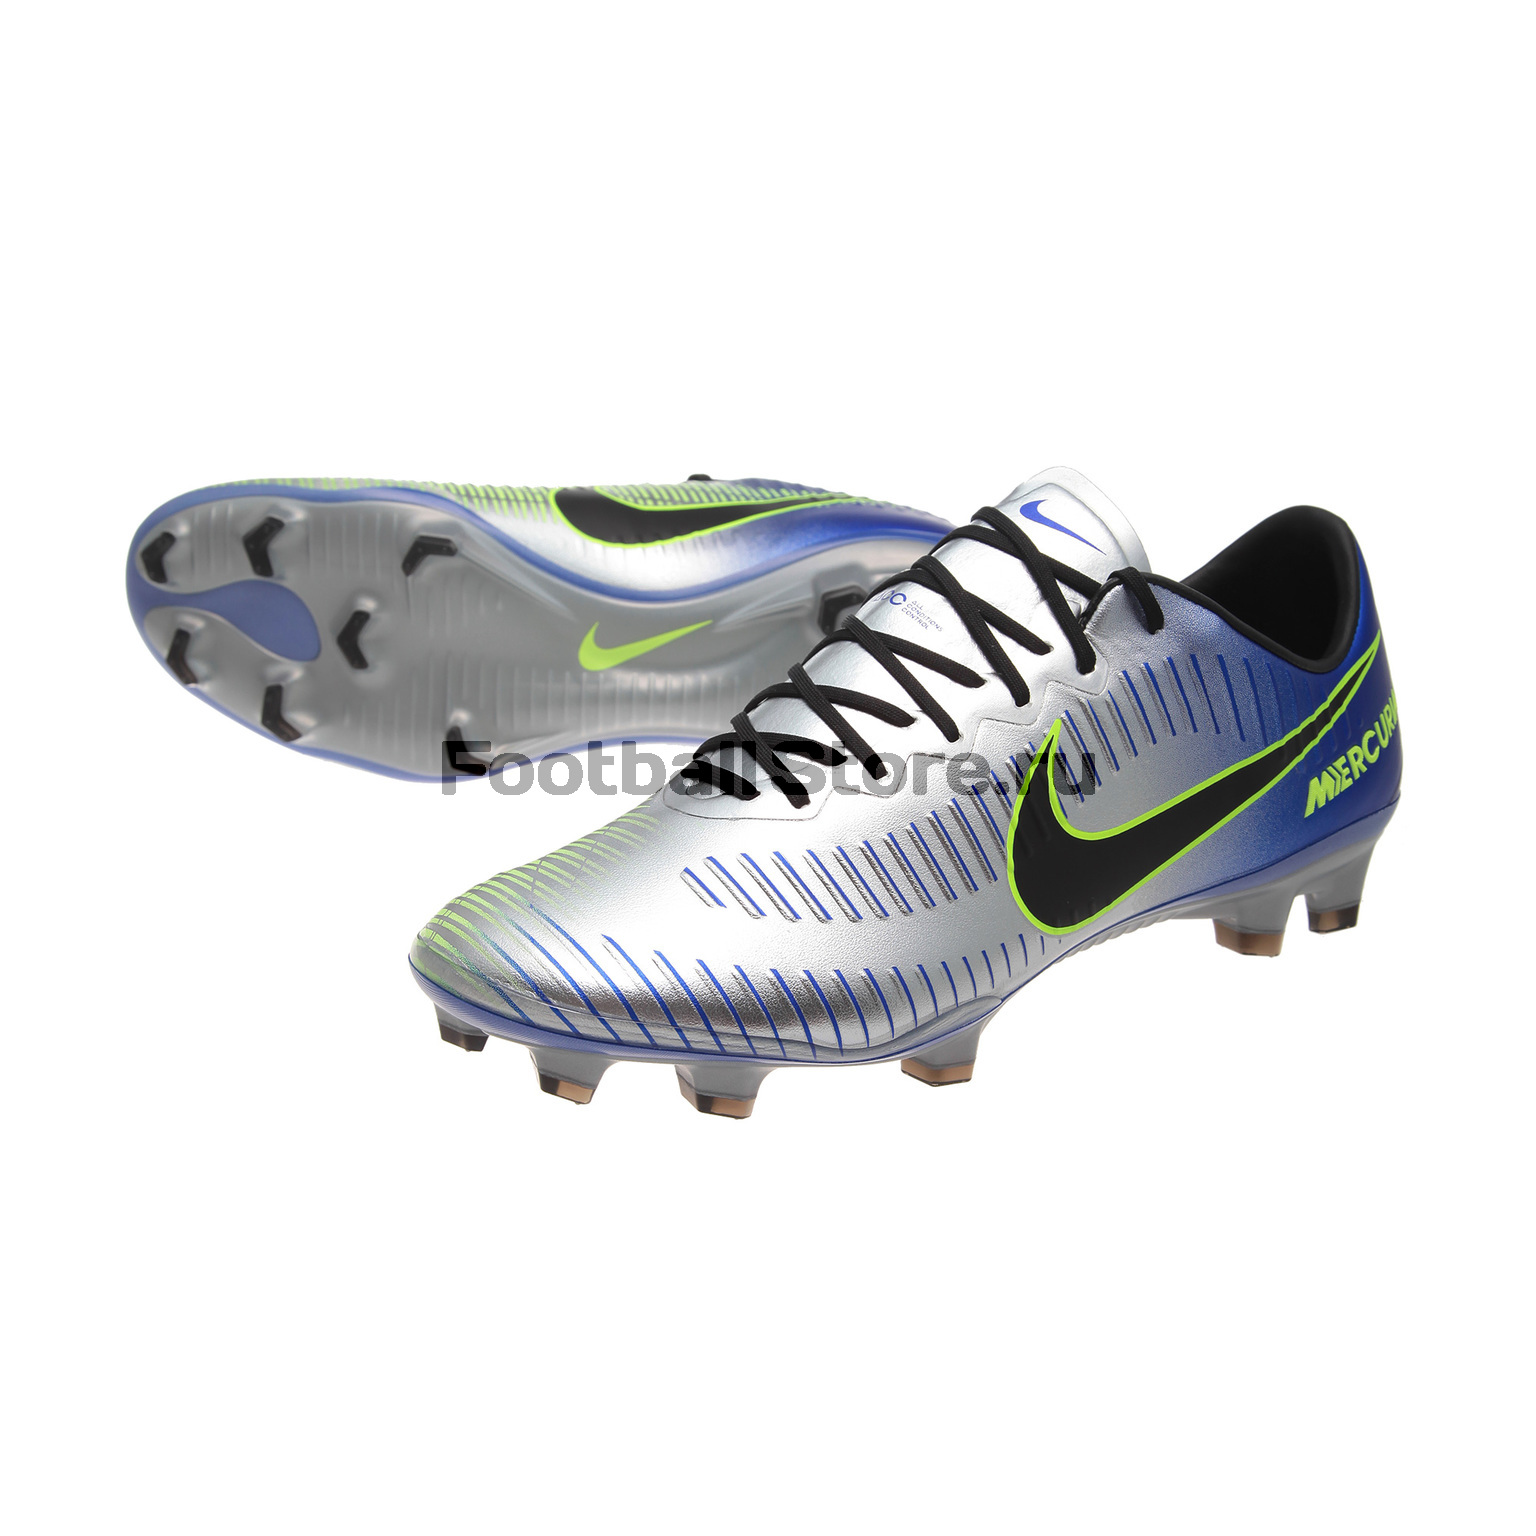 Игровые бутсы Nike Бутсы Nike Mercurial Vapor XI Neymar FG 921547-407 спортинвентарь nike чехол для iphone 6 на руку nike vapor flash arm band 2 0 n rn 50 078 os